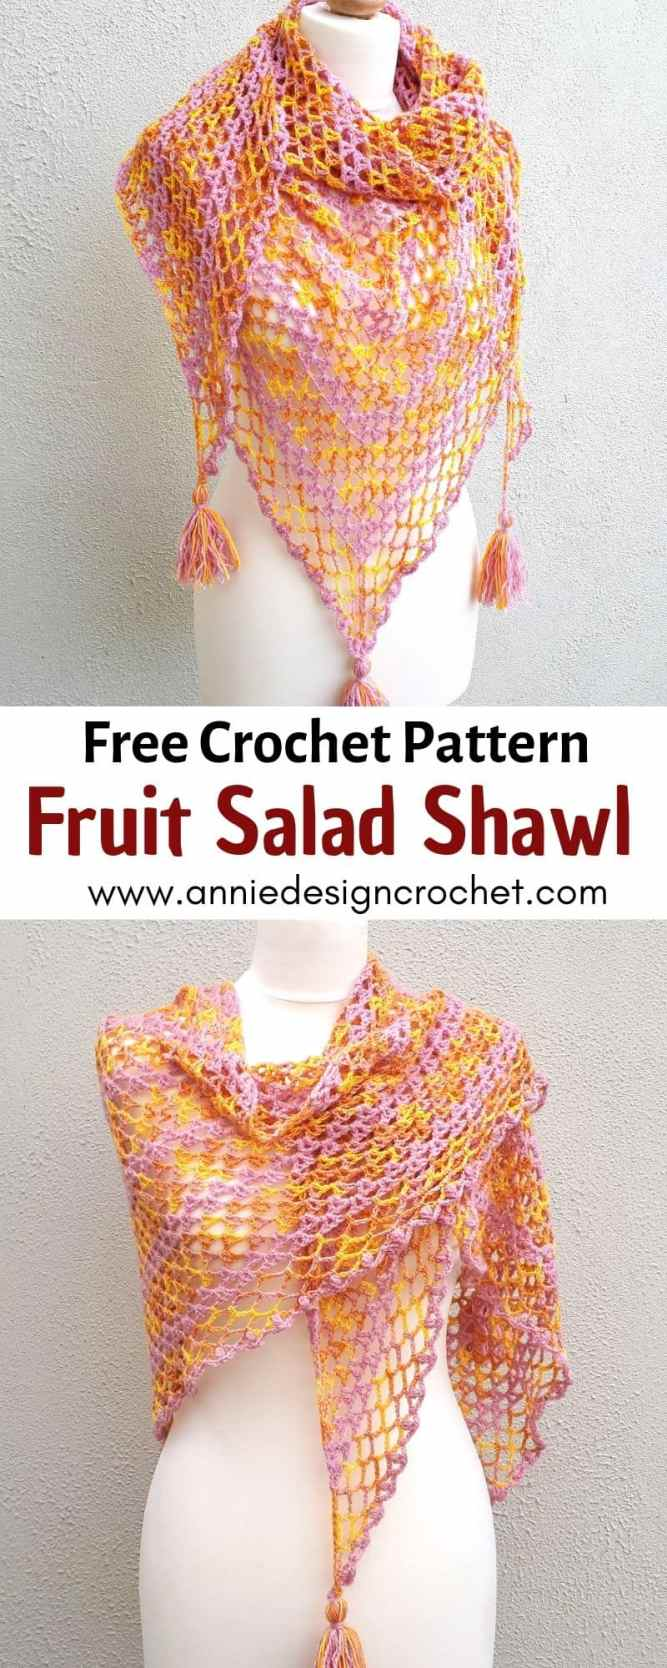 crochet shawl easy lace free crochet pattern